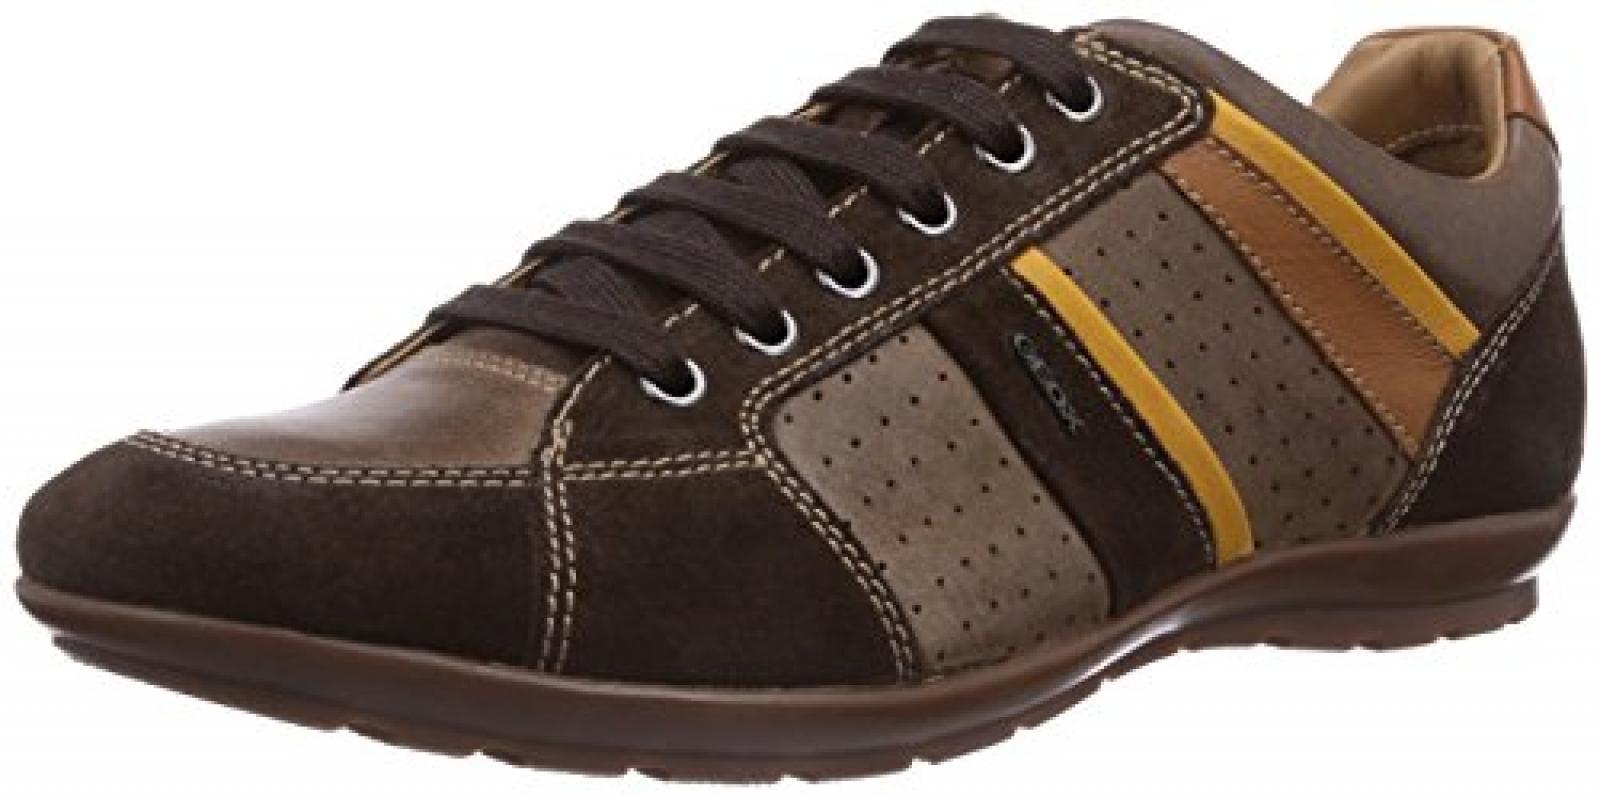 Geox UOMO SYMBOL A Herren Sneakers